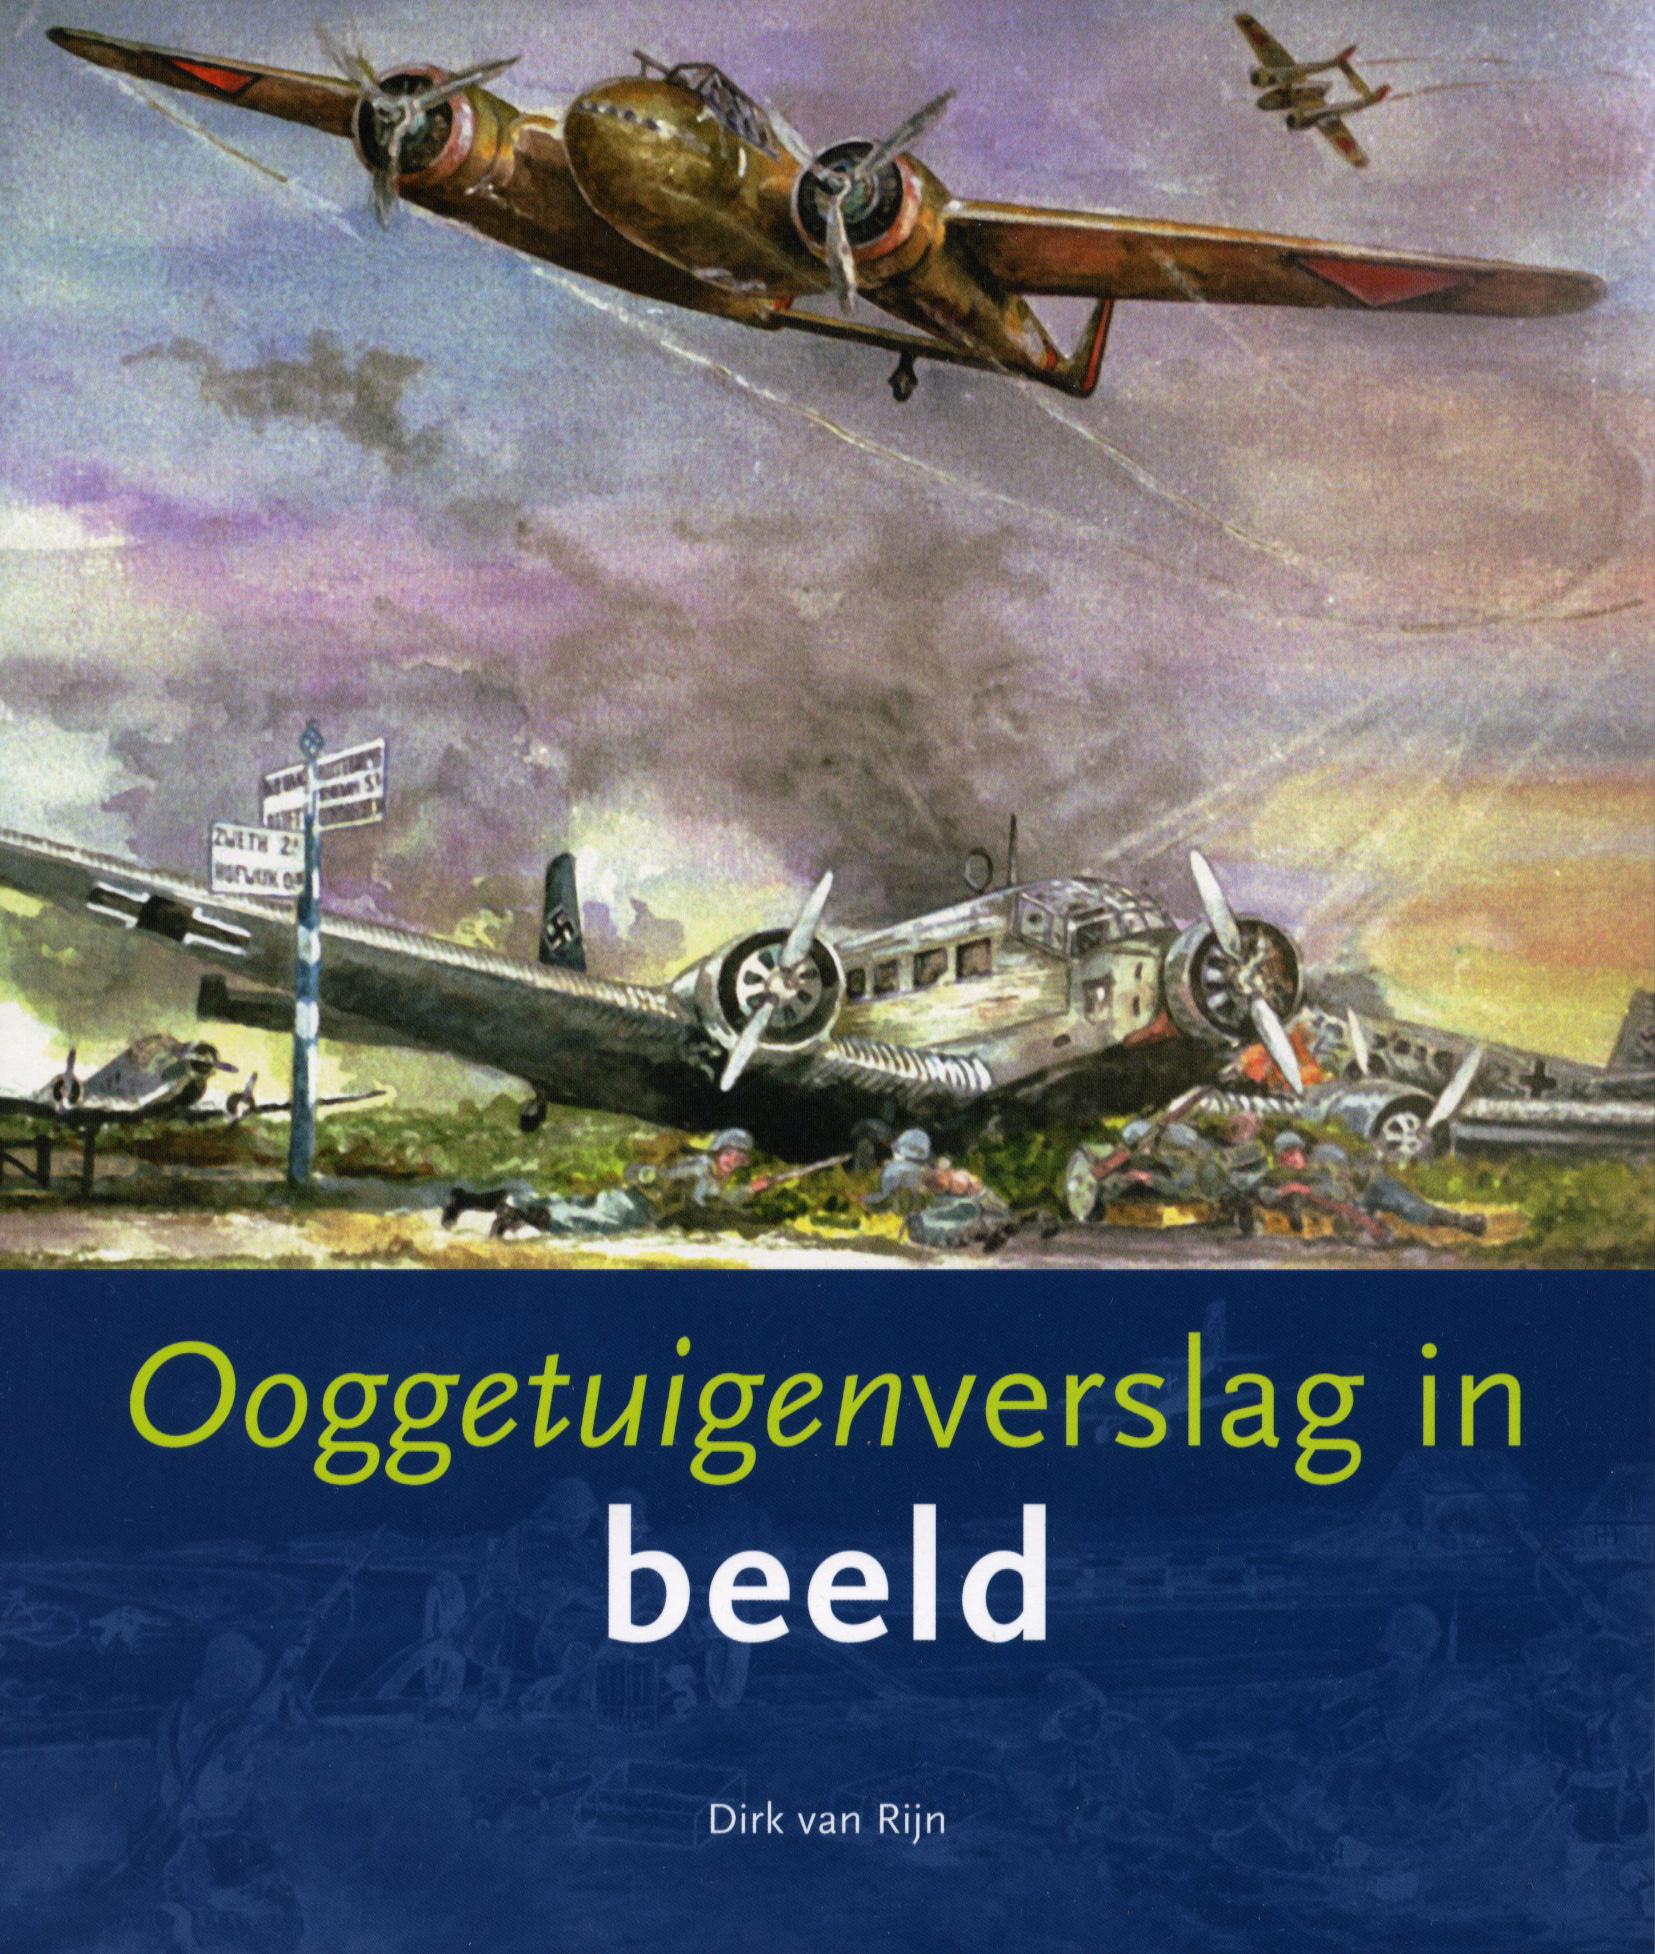 Ooggetuigenverslag in beeld - Dirk van Rijn